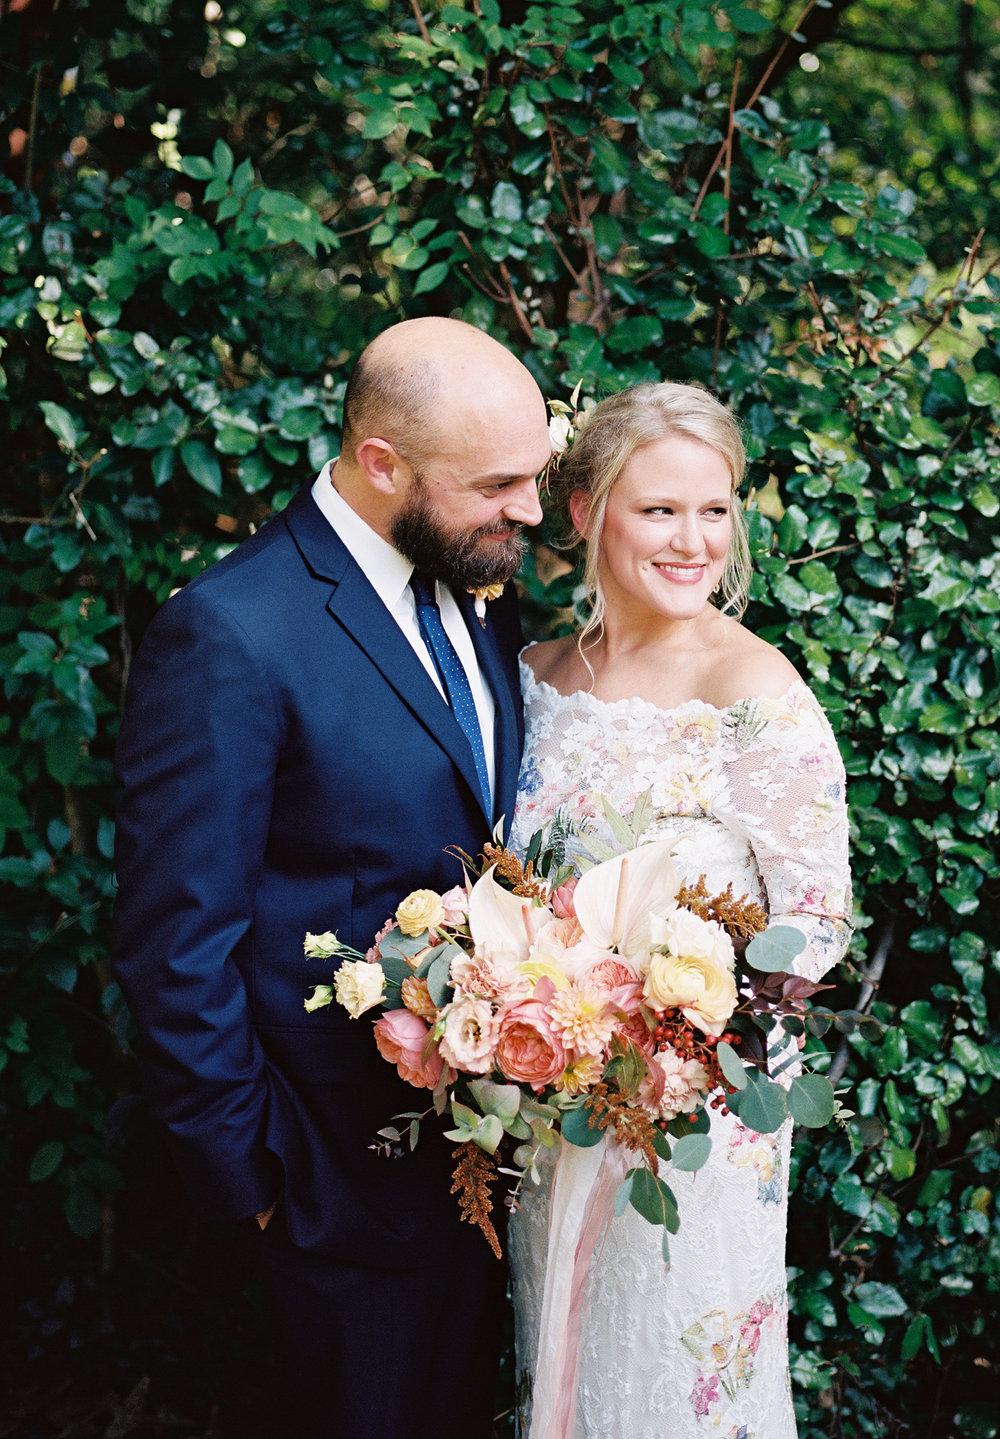 Justin+Kate+Wedding-16.jpg